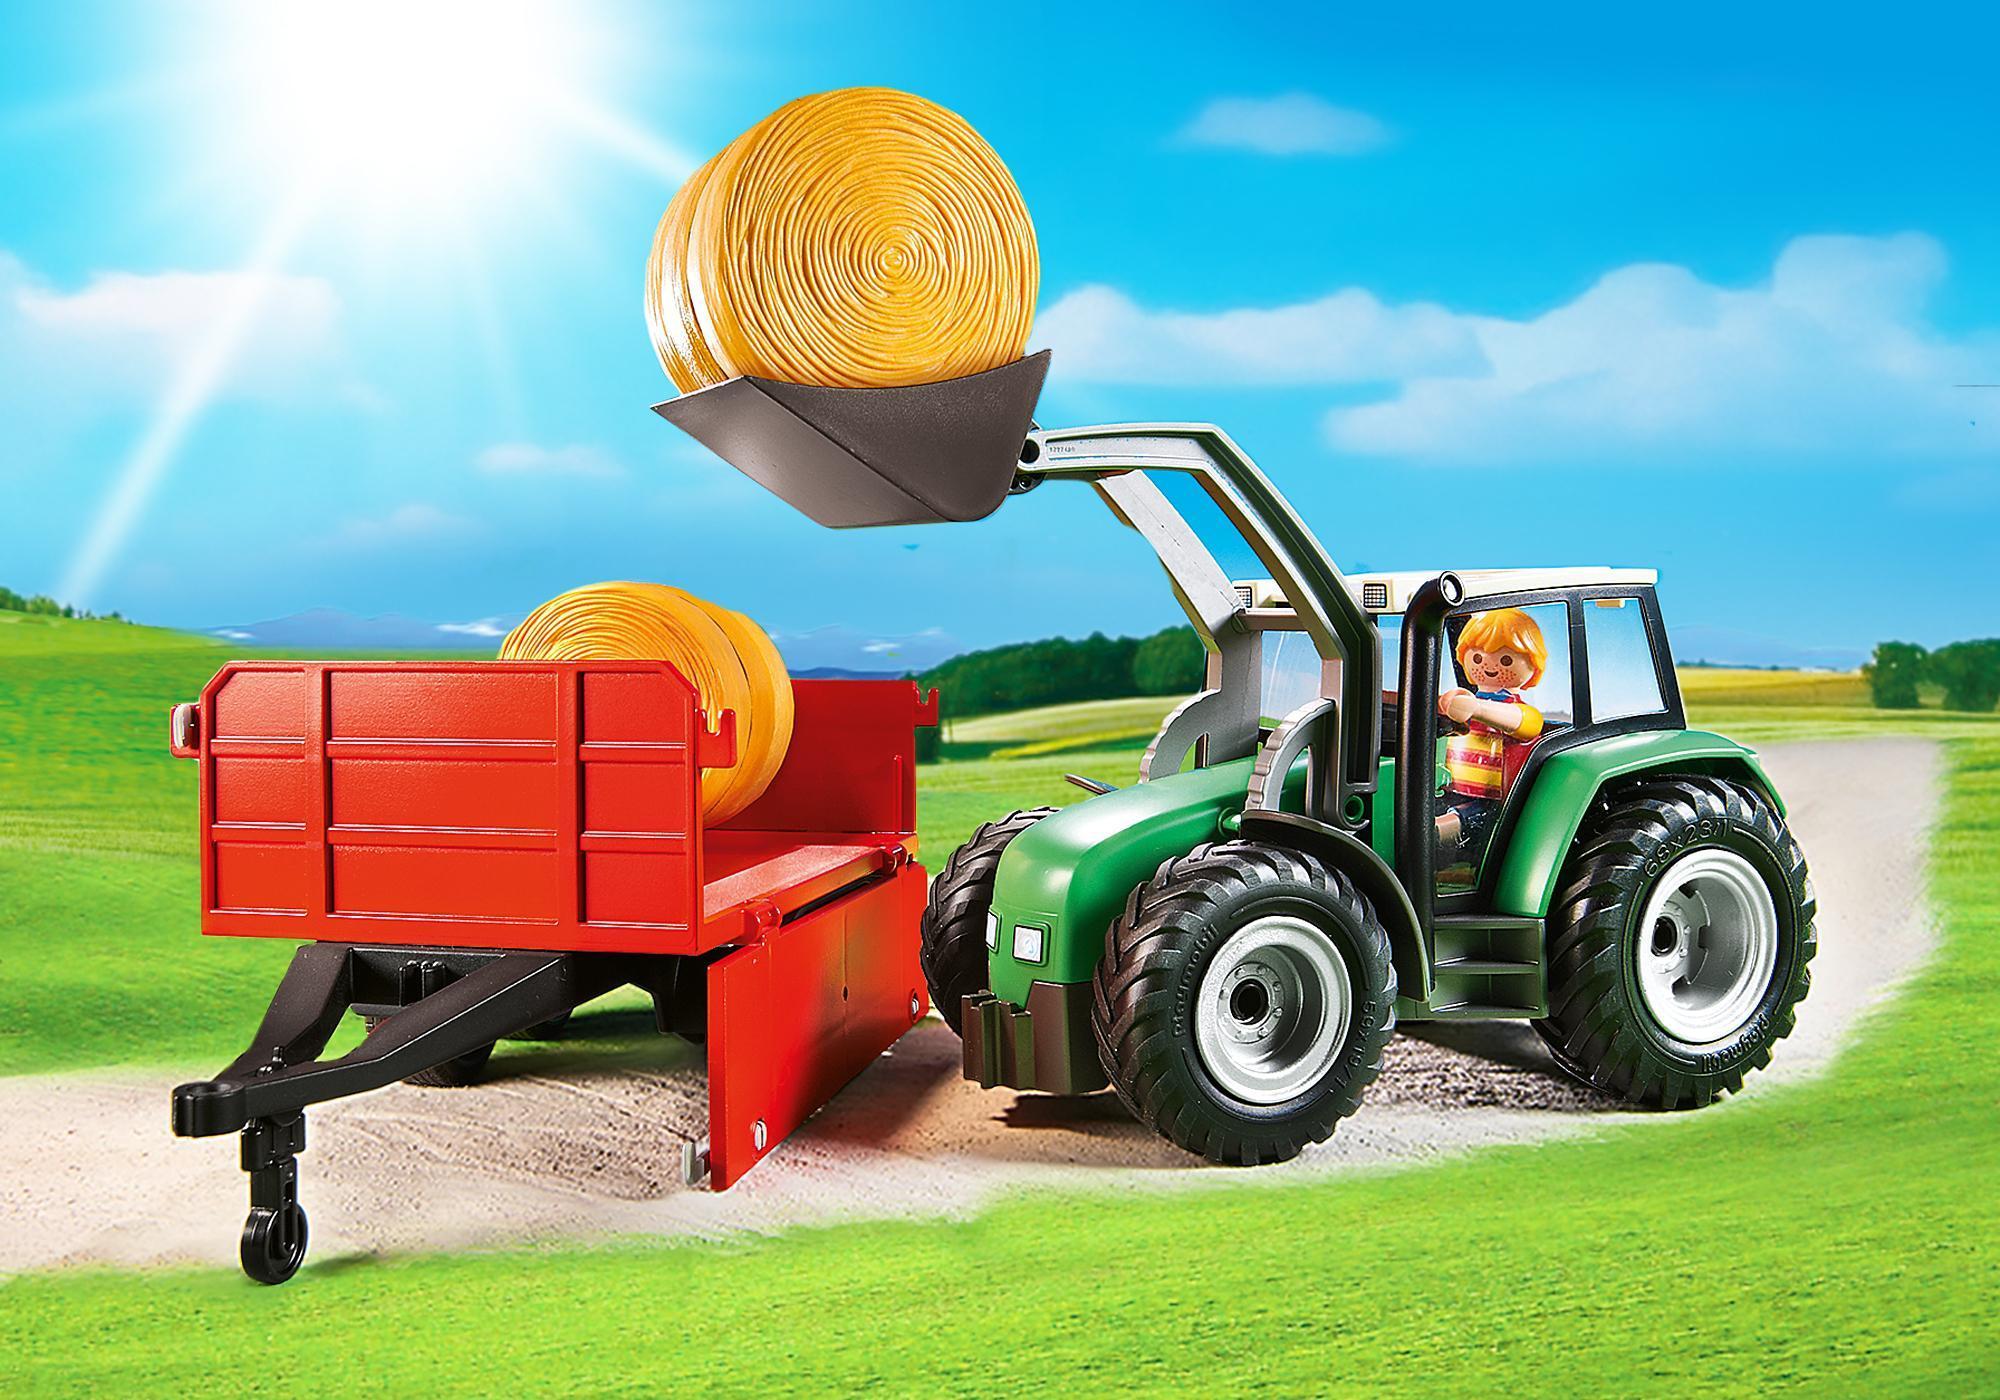 http://media.playmobil.com/i/playmobil/6130_product_extra3/Tracteur avec pelle et remorque